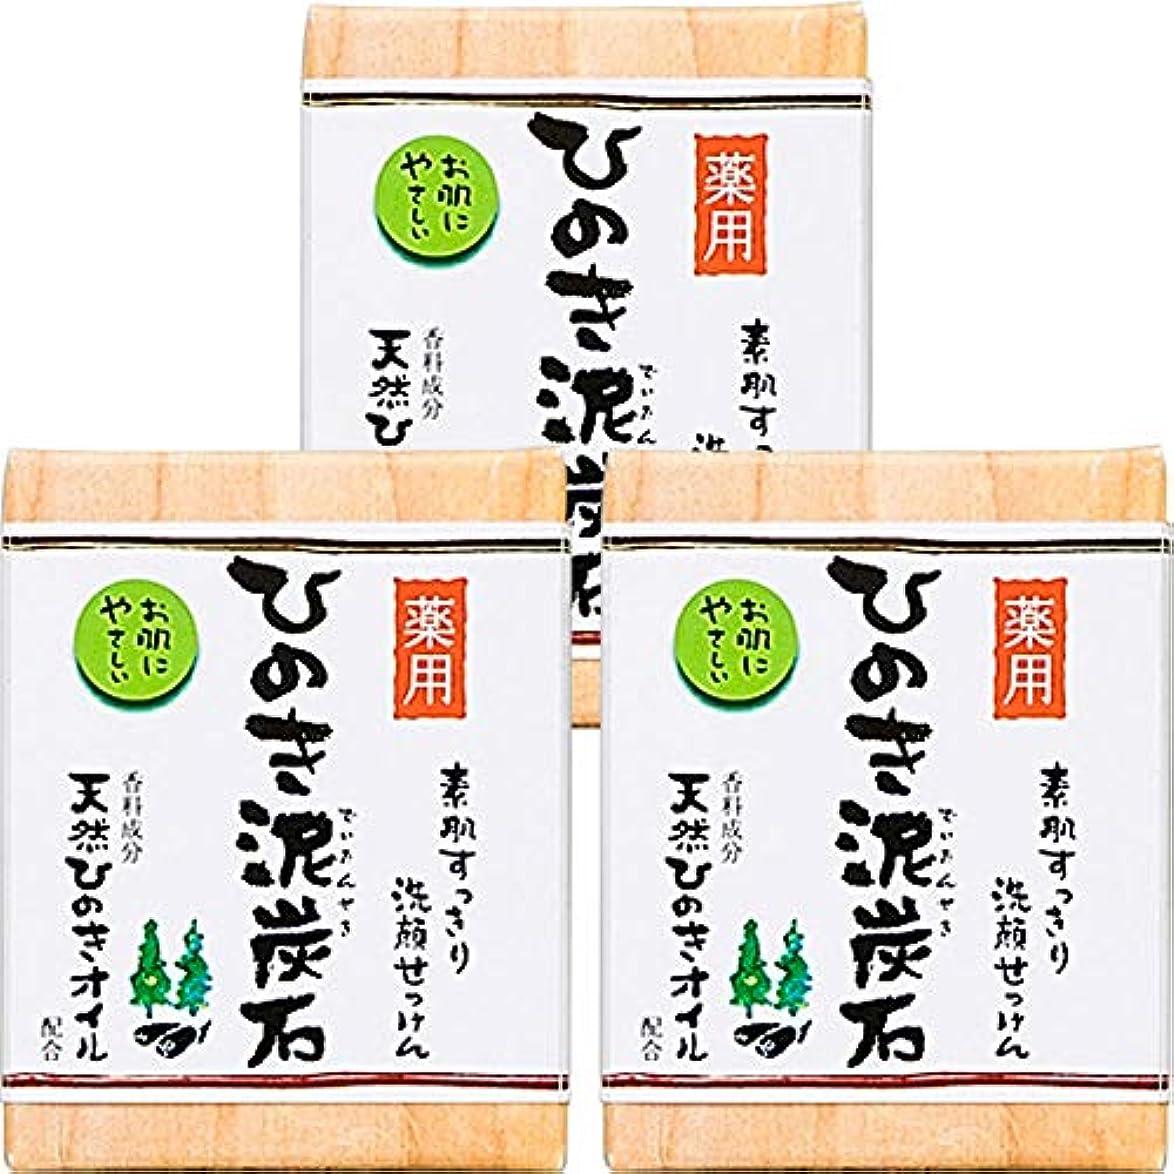 学期エキスパート衣類薬用 ひのき泥炭石 (75g×3個) 洗顔 石けん [天然ひのきオイル配合] 肌荒れ防止